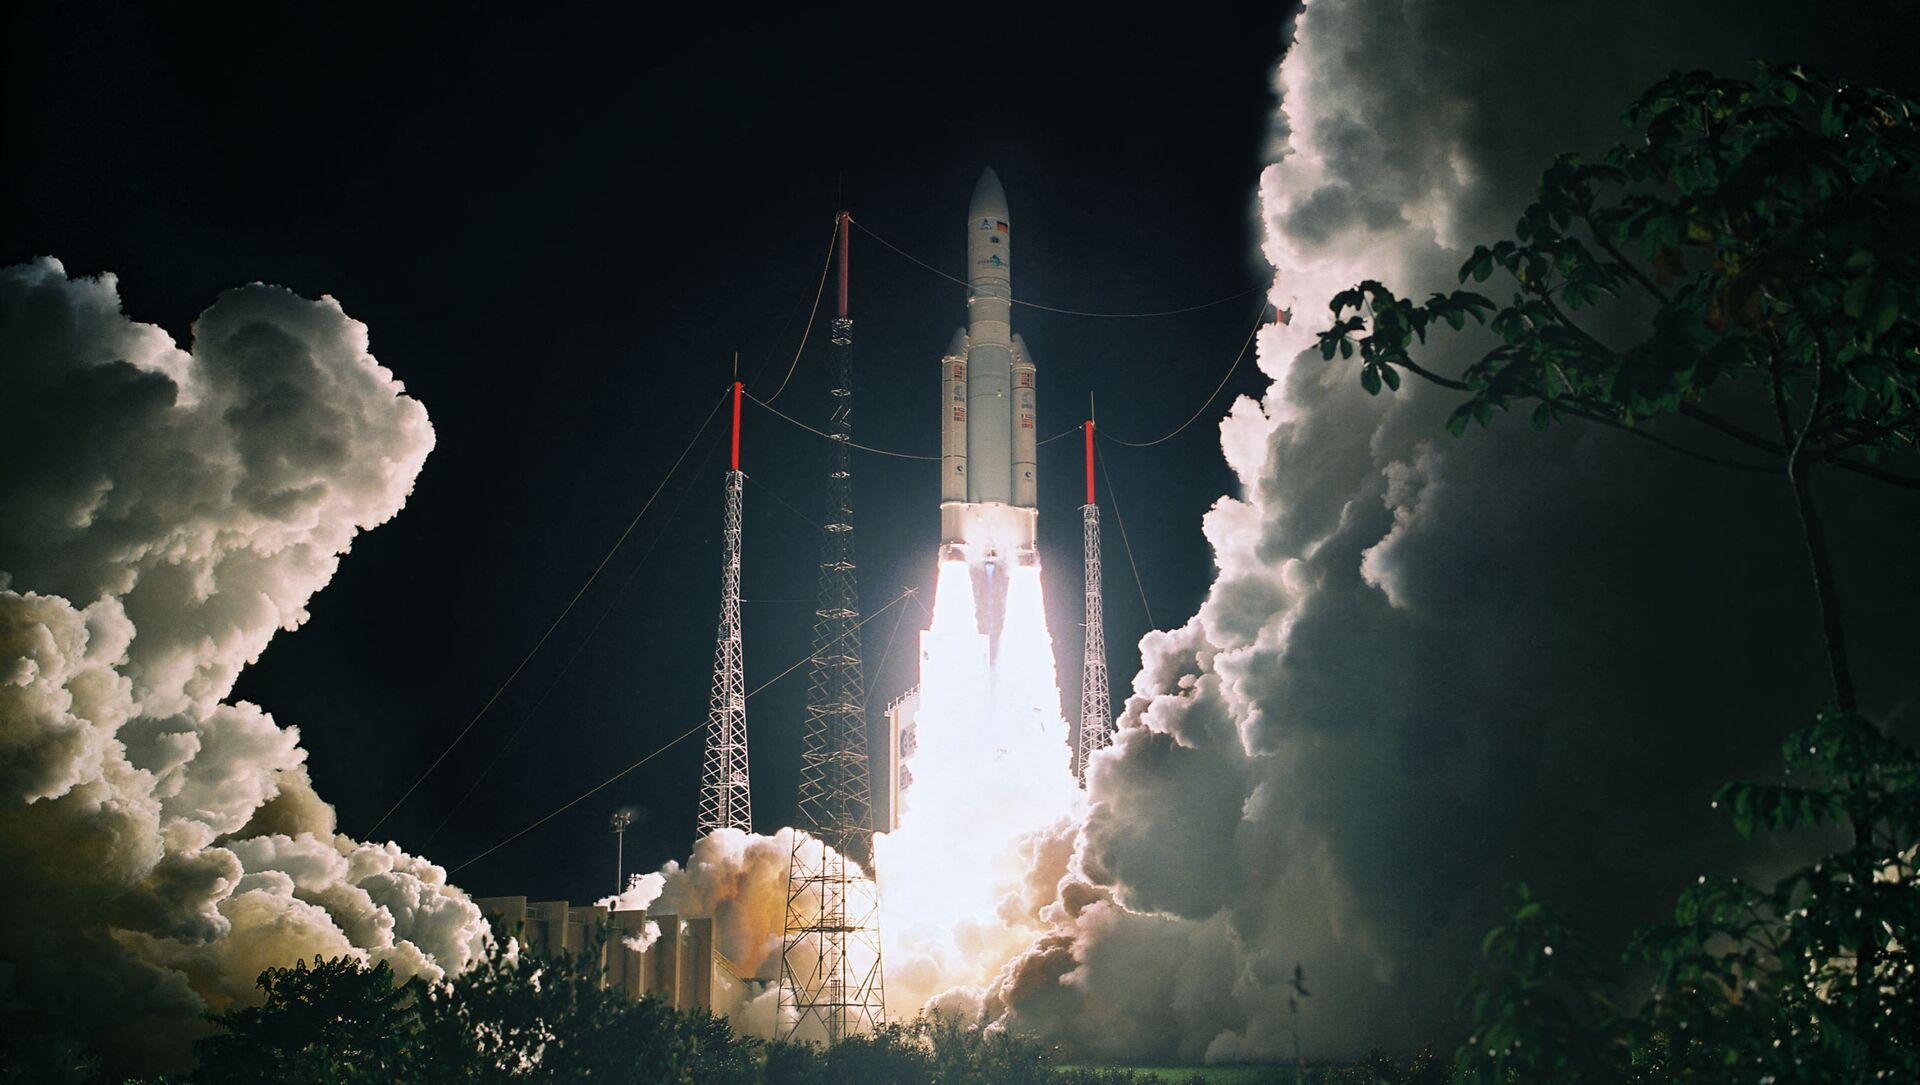 Décollage d'Ariane 5 à Kourou, le 21 mai 2010. (PHILIPPE BAUDON / CNES / AFP) - Sputnik France, 1920, 28.07.2021